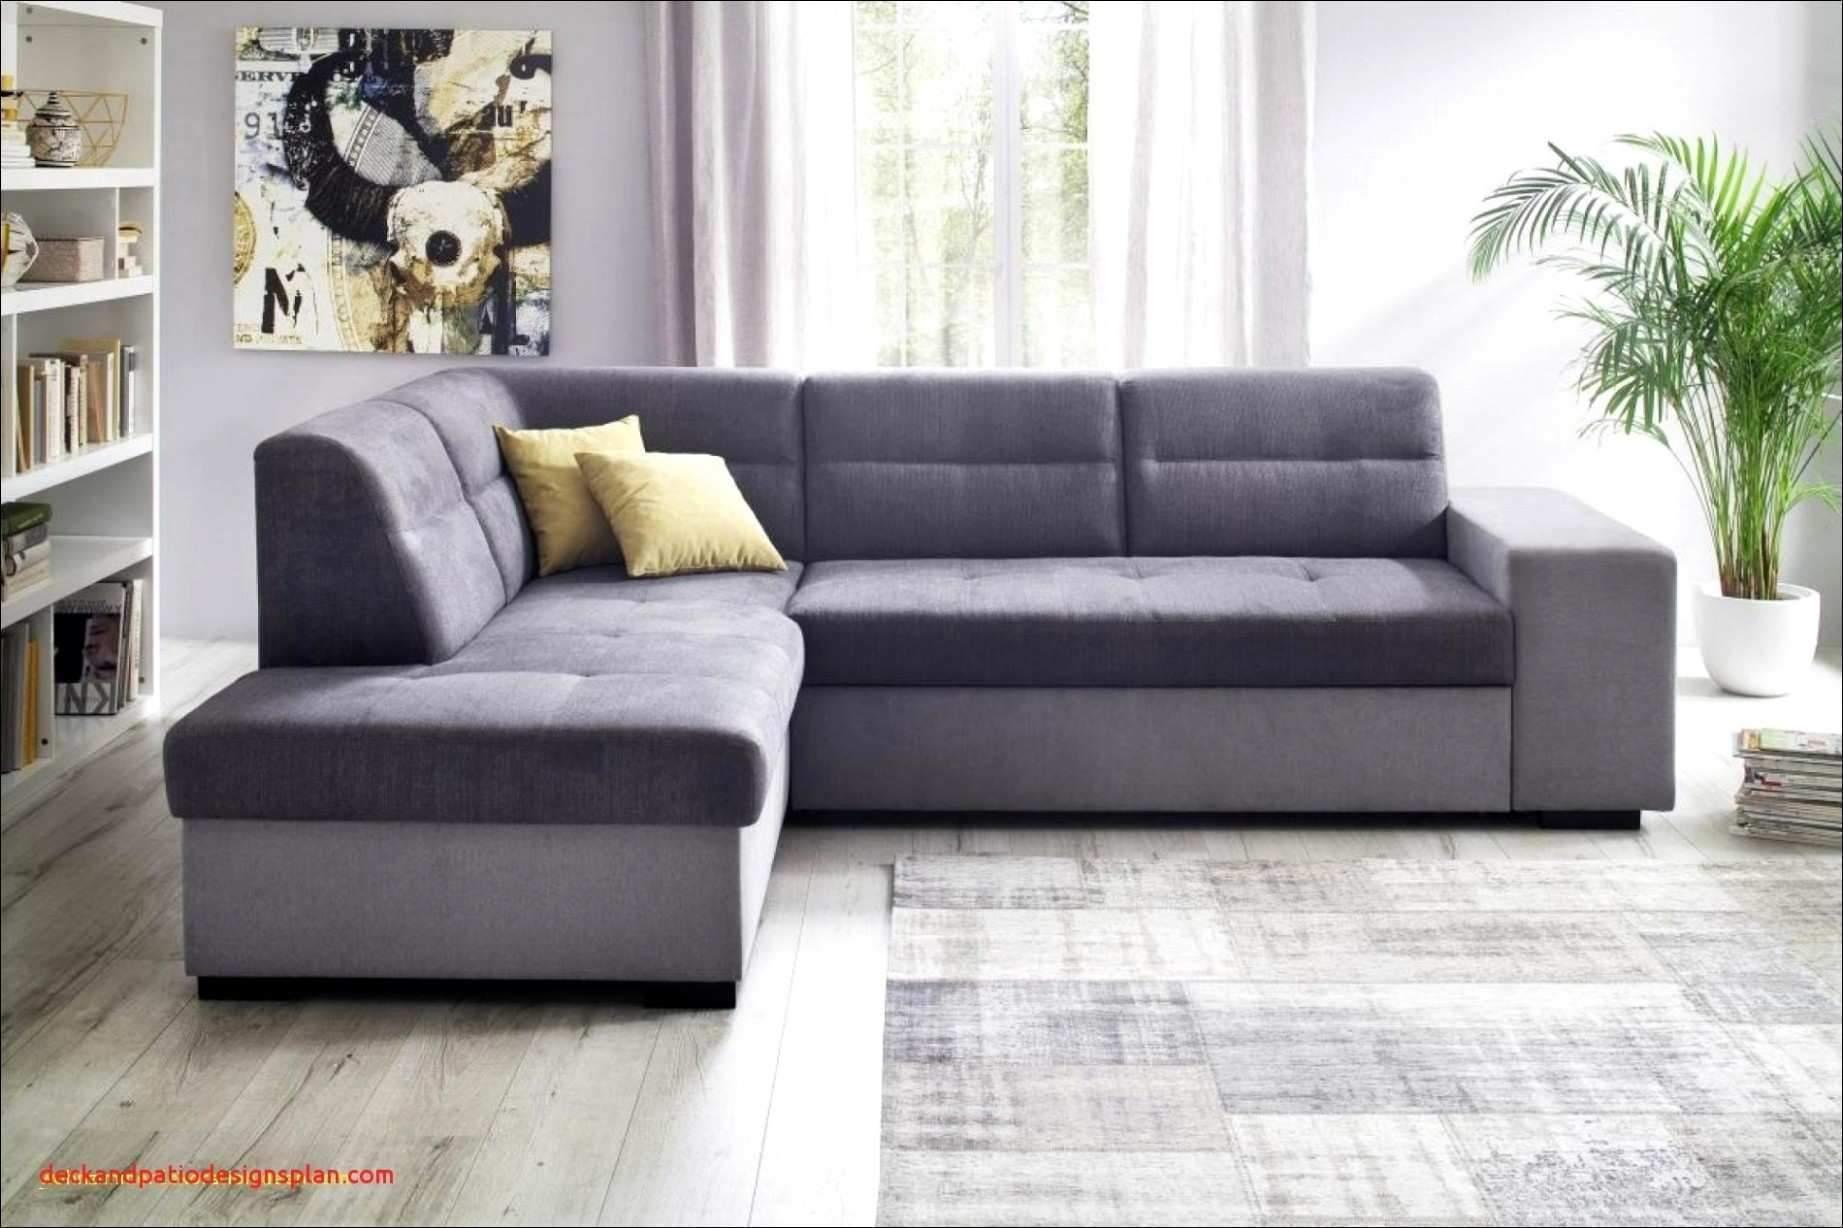 deko ideen wohnzimmer frisch wohnzimmer deko selber machen ideen was solltest du tun of deko ideen wohnzimmer